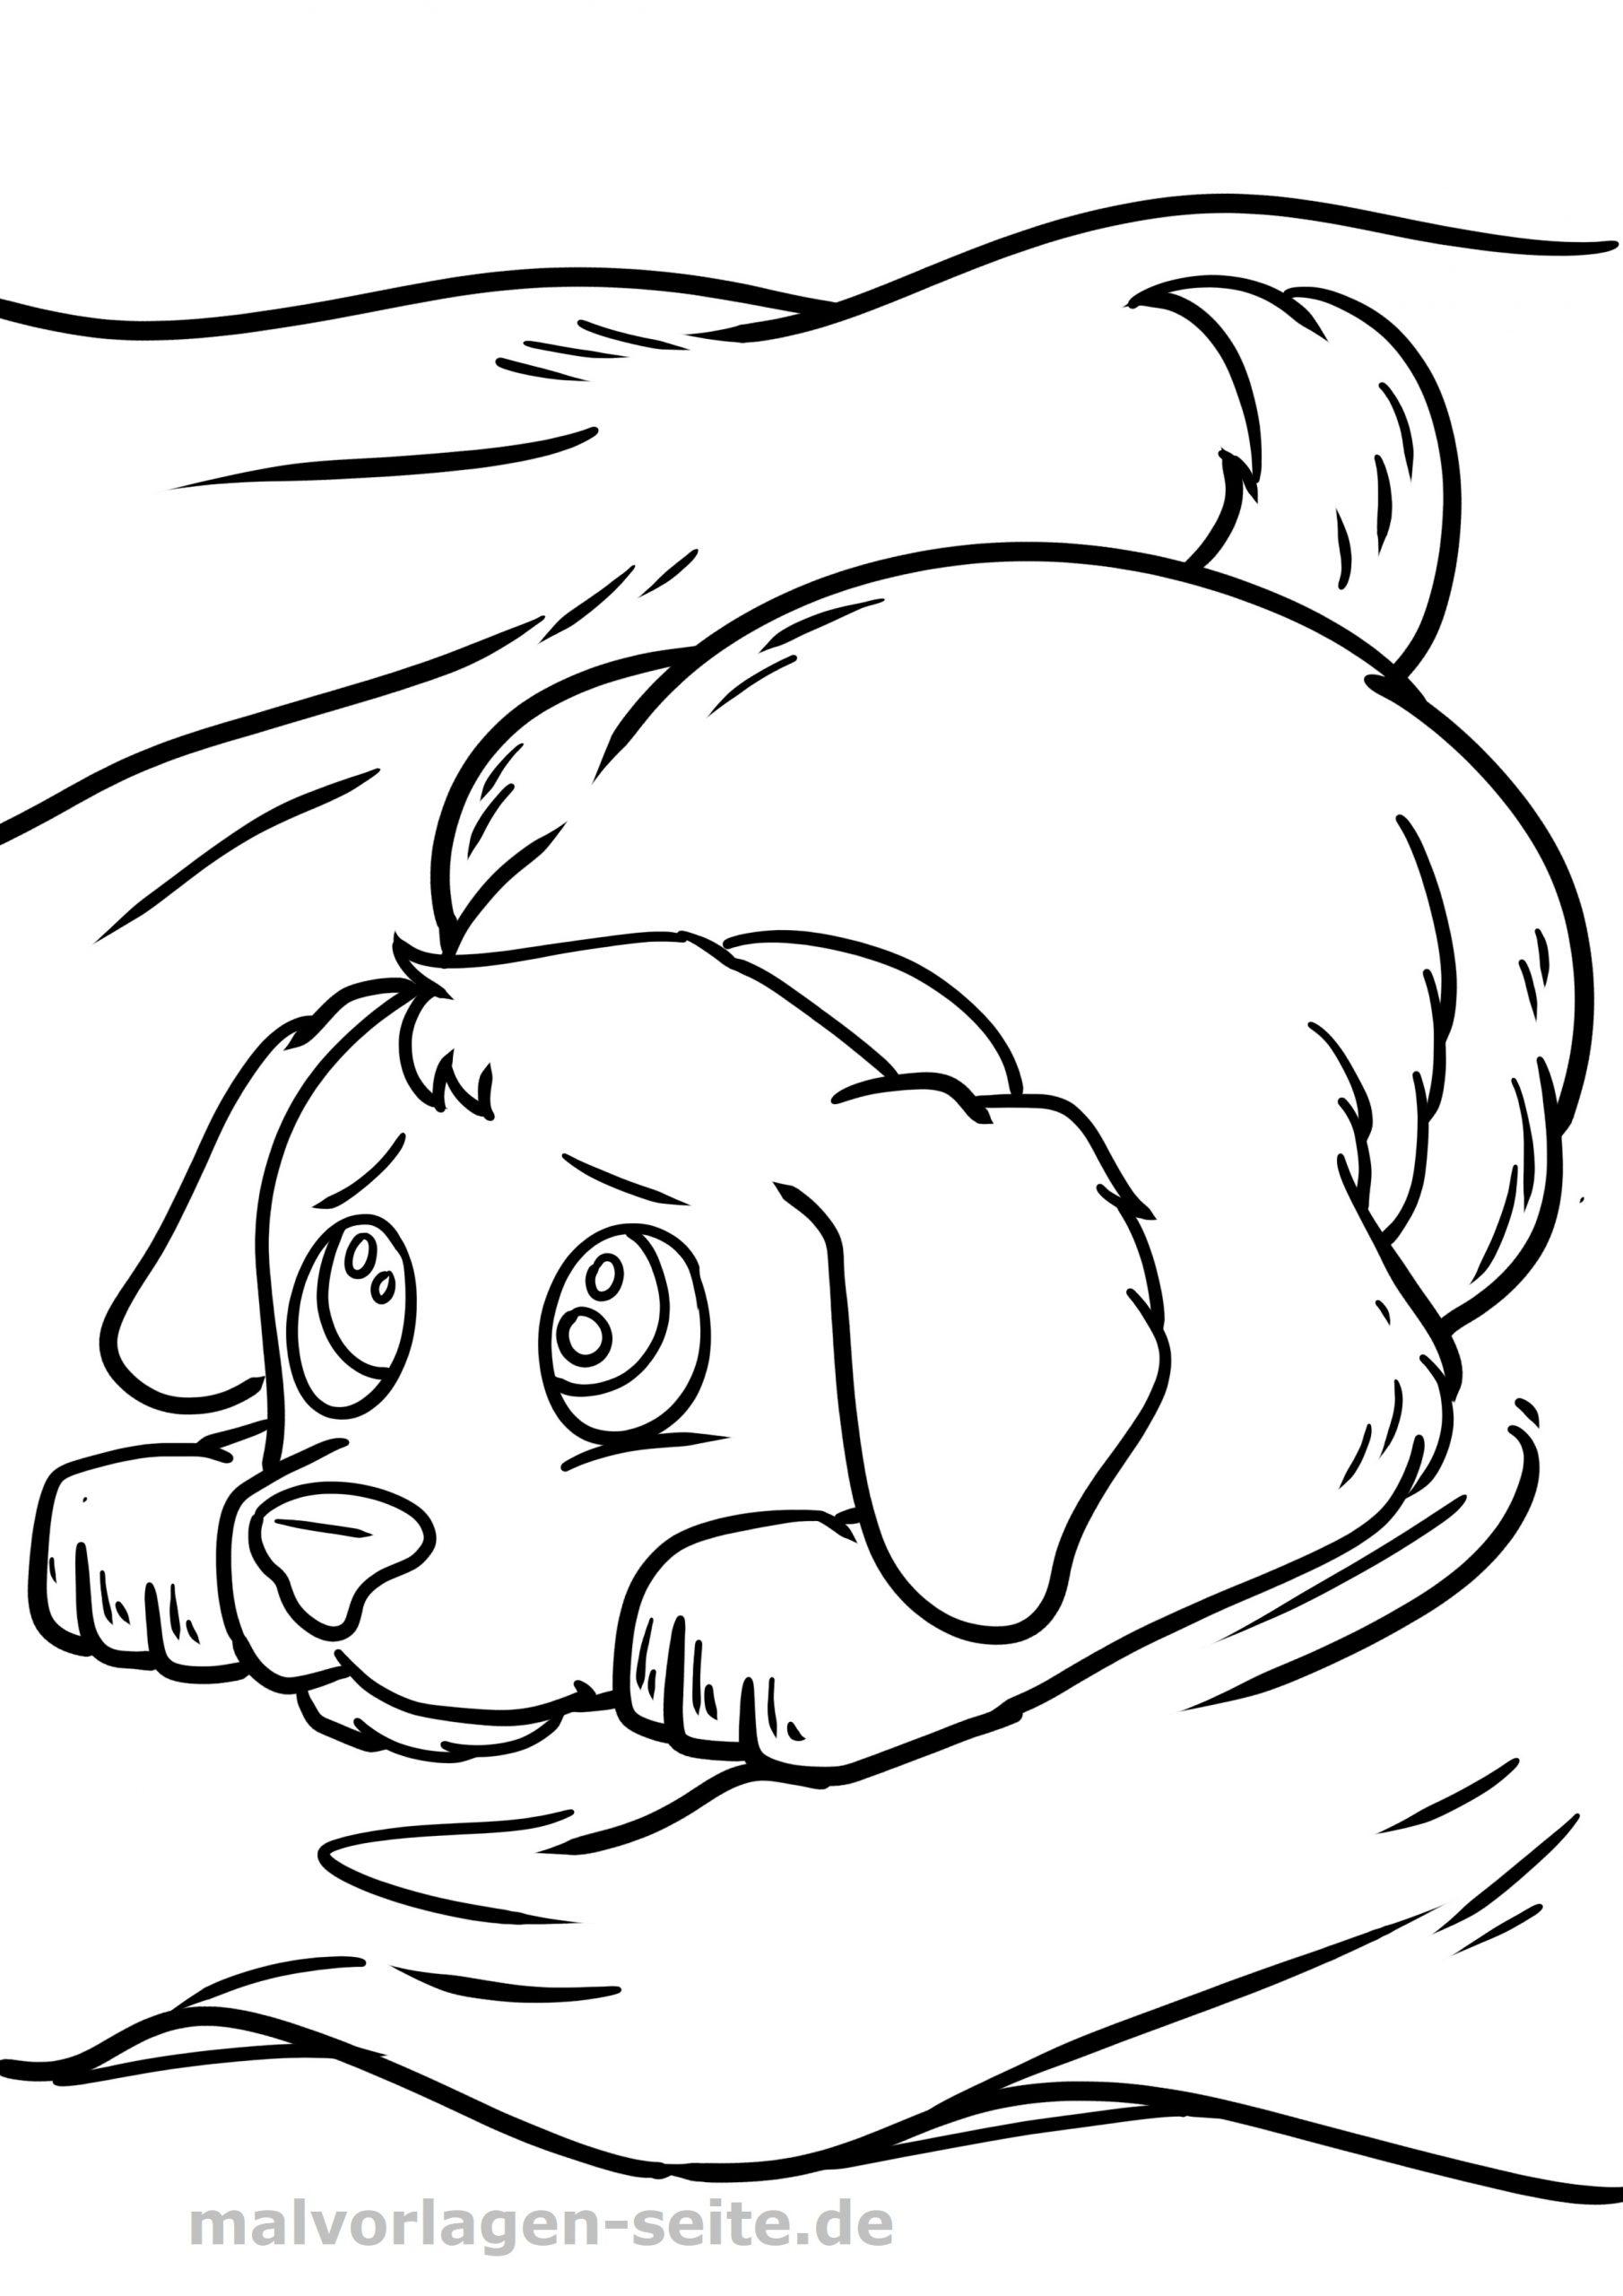 Malvorlage Hund - Ausmalbilder Kostenlos Herunterladen bestimmt für Ausmalbilder Von Hunden